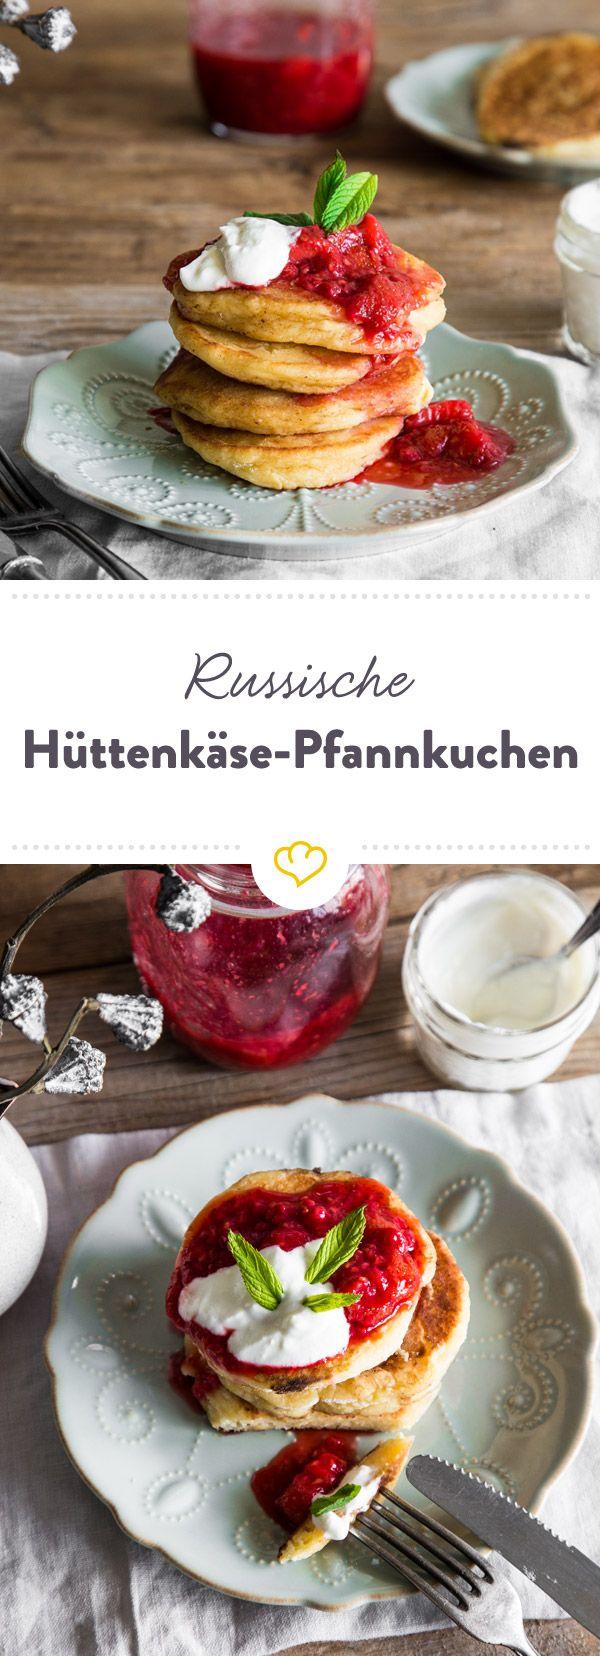 Sind es noch Pancakes oder doch eher Mini-Käseküchlein? Wer hätte gedacht, dass sich Hüttenkäse so gut in in Pfannkuchen machen?